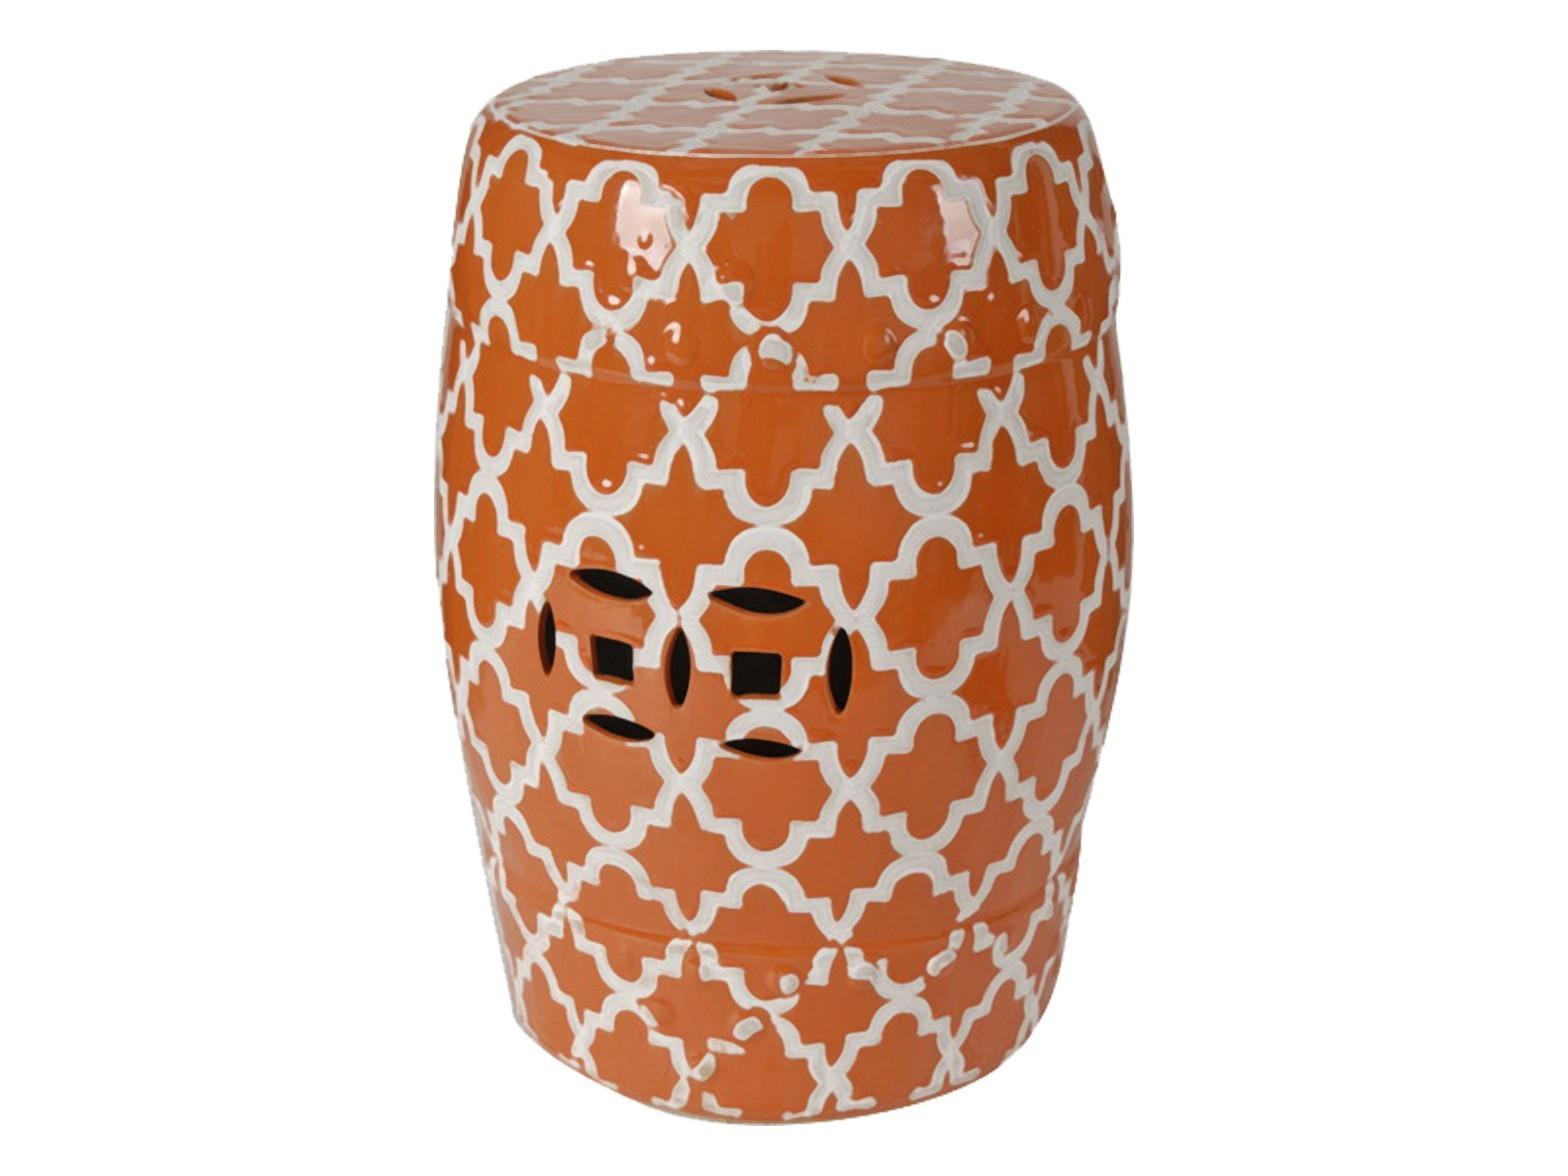 Керамический столик-табурет Istanbul StoolПриставные столики<br>Это предмет мебели, который удачно сочетает в себе сразу две функции — его можно использовать и как стол, и как табурет, в зависимости от вашего желания. Примечательно, что эта модель выполнена не из дерева, как следовало бы ожидать, а из грубой керамики. Столик-табурет выполнен в оранжевом цвете, эффектно декорирован белым орнаментом, удачно дополнен отверстиями, которыми удобно воспользоваться для его перемещения. Такой столик-табурет будет уместен в интерьере с элементами стиля модерн, но и, без сомнений, удачно впишется в интерьеры самых разных стилей.<br>Хотите больше приятных эмоций — купите столь необычный и яркий предмет для своего интерьера.<br><br>Material: Керамика<br>Height см: 46<br>Diameter см: 33